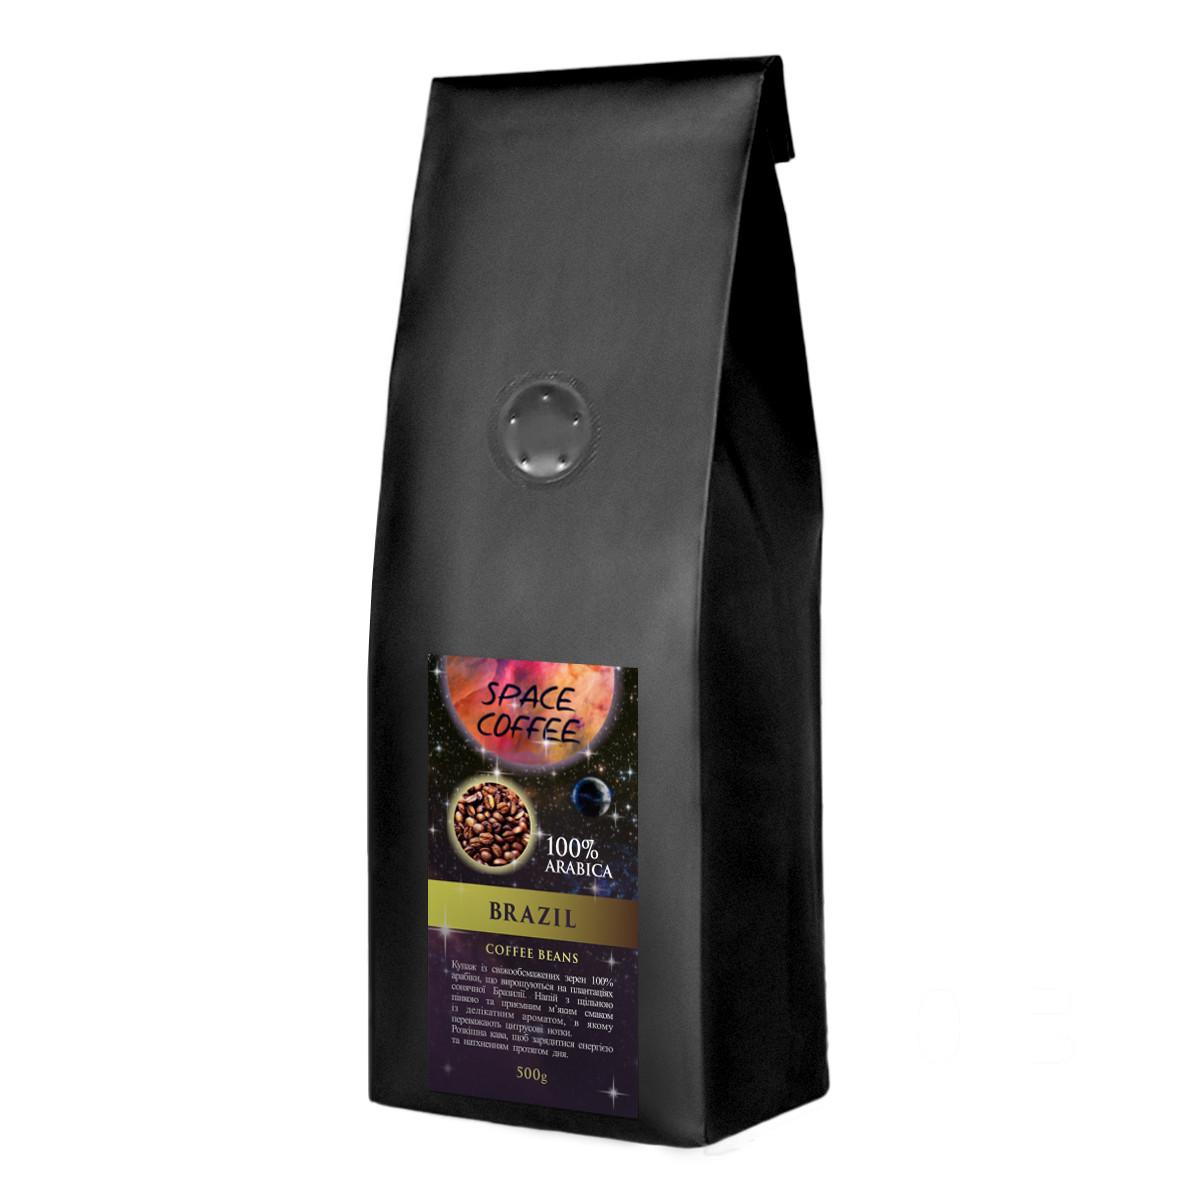 Кофе свежей обжарки в зернах Space Coffee Brazil 100% арабика 500 грамм